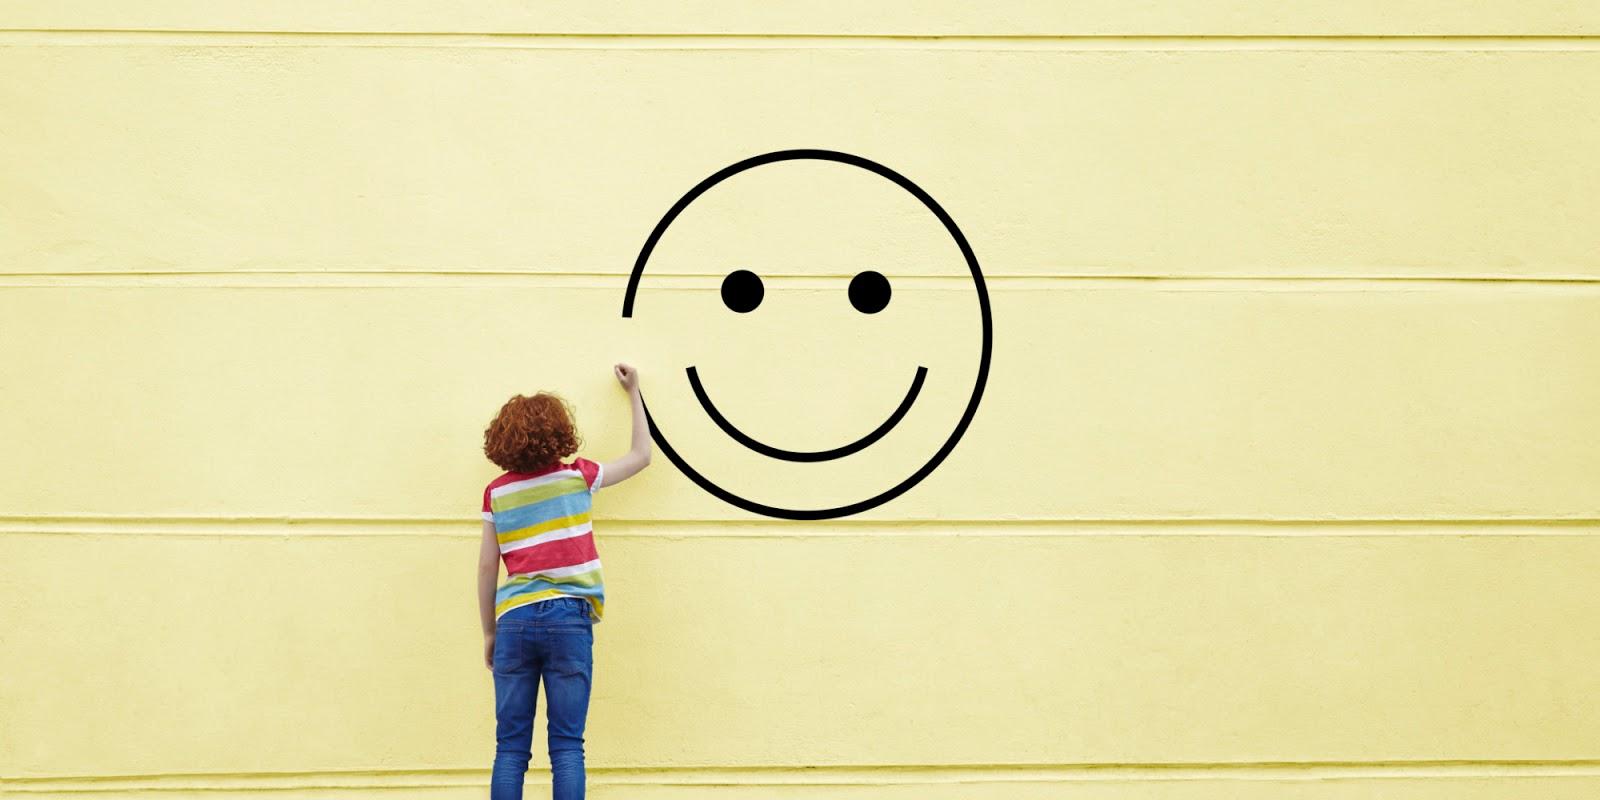 بالصور صور عن السعاده , اروع الصور عن السعادة 4953 2